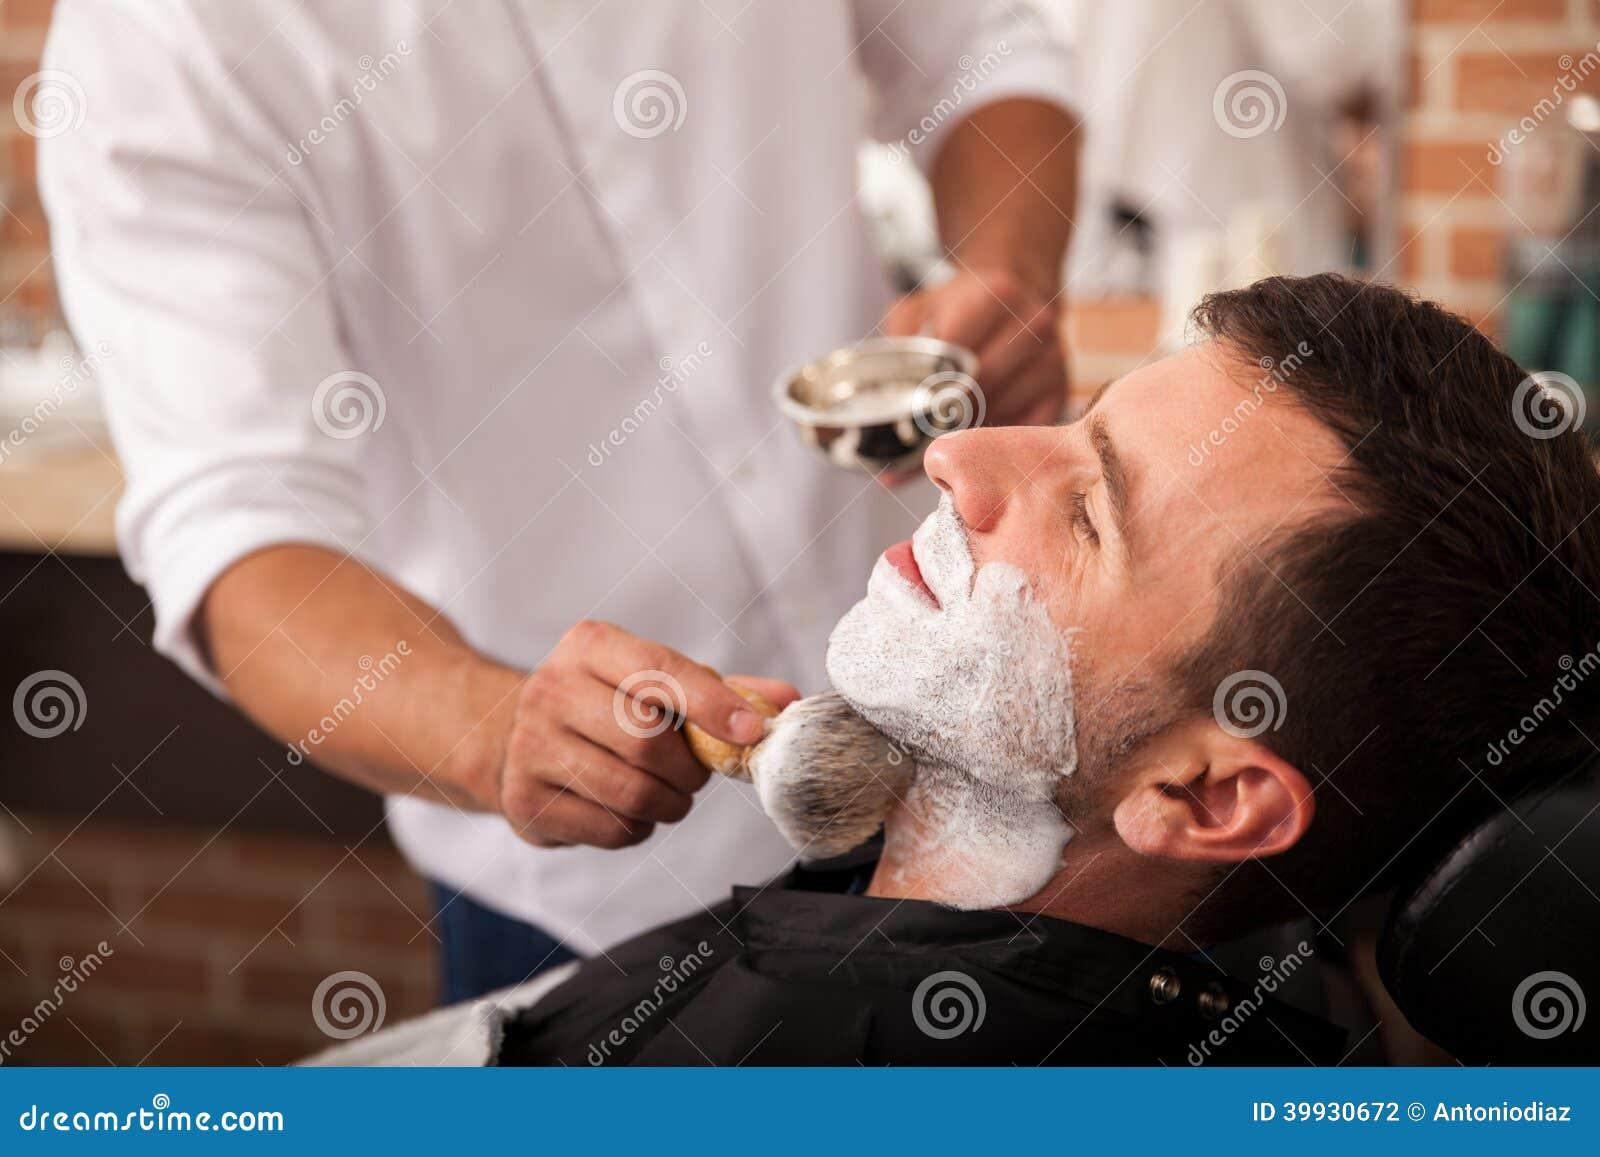 Klaar voor een scheerbeurt bij de kapper